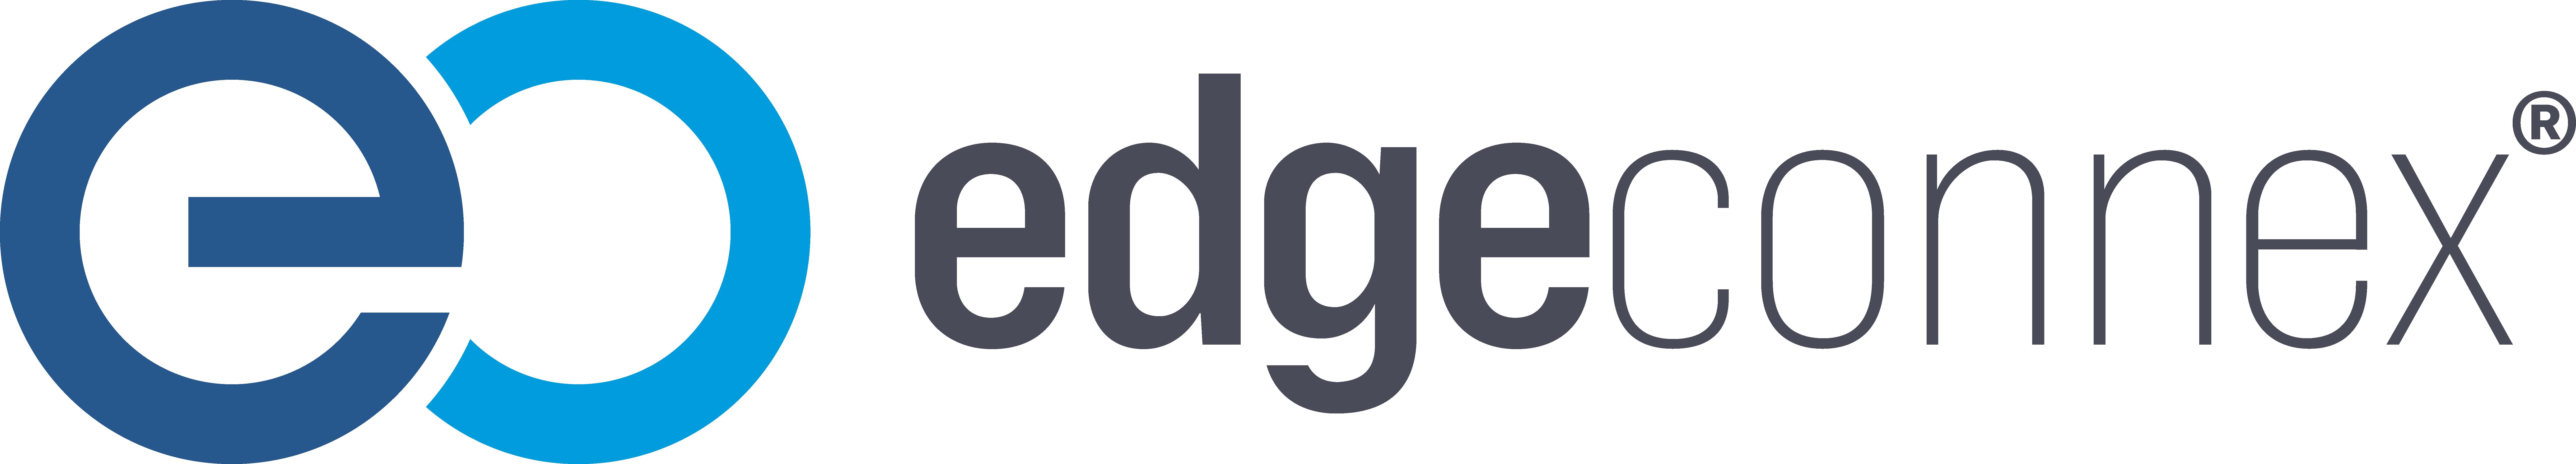 ec-logo-color-RGB-3